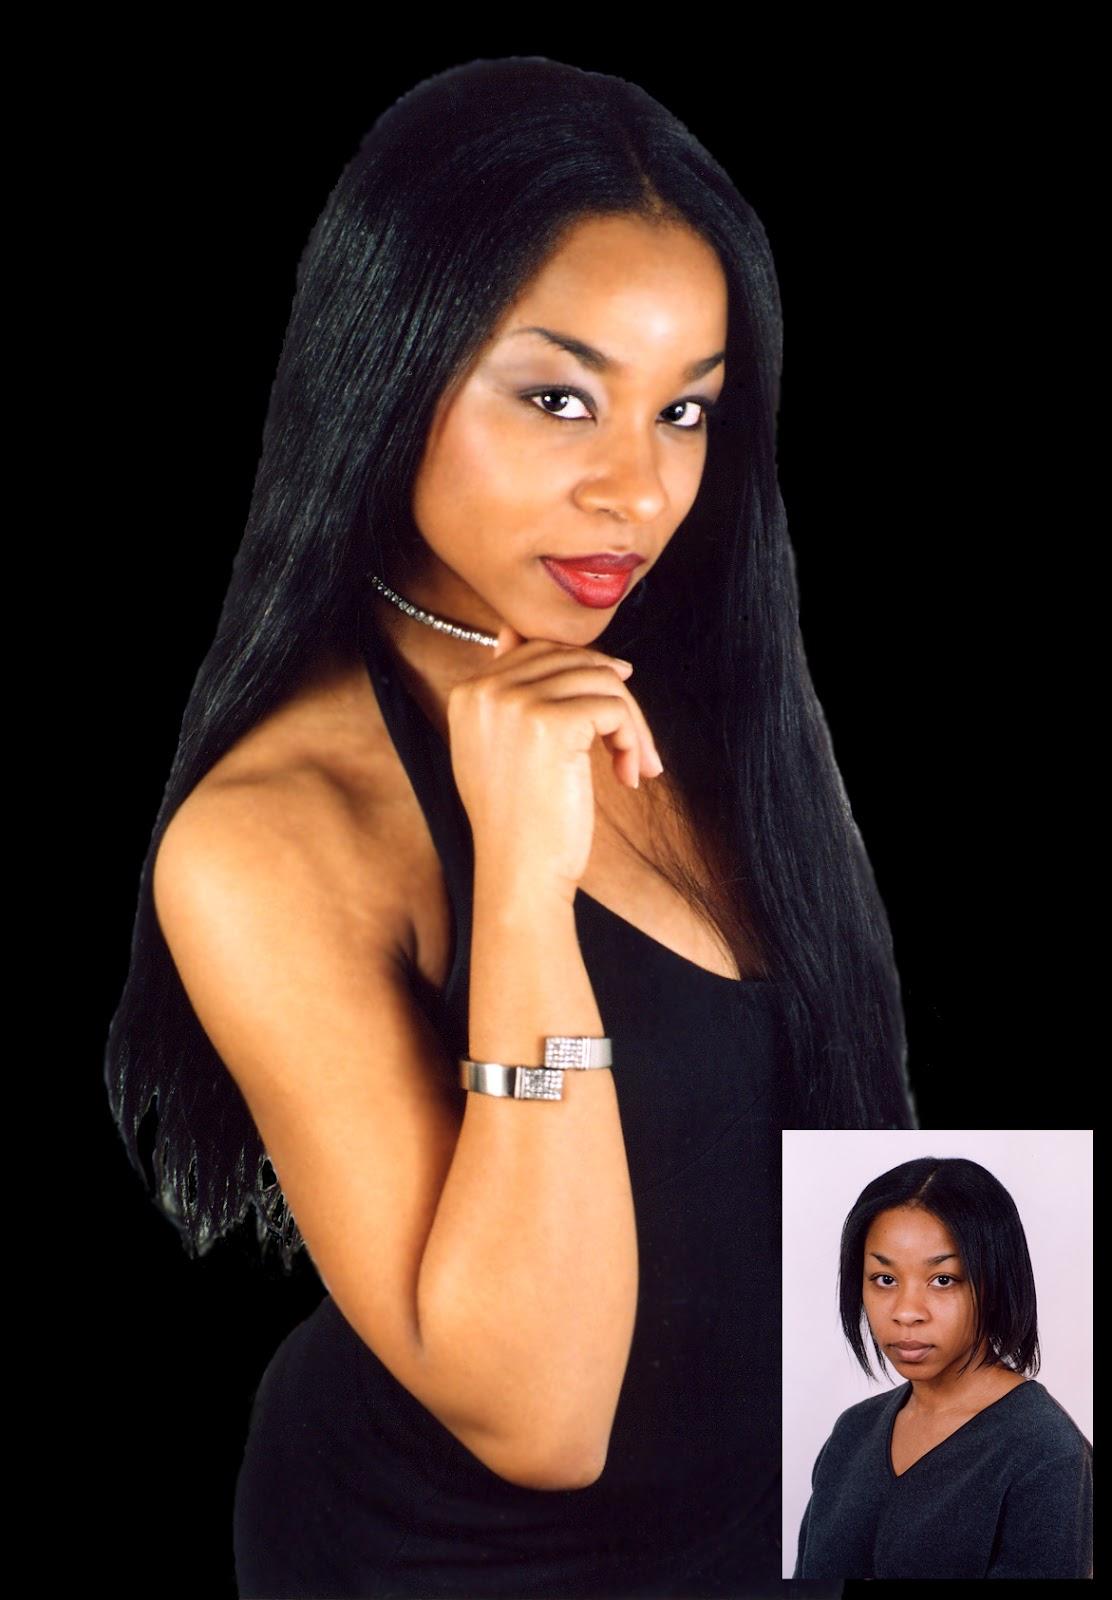 Sereena star porn star